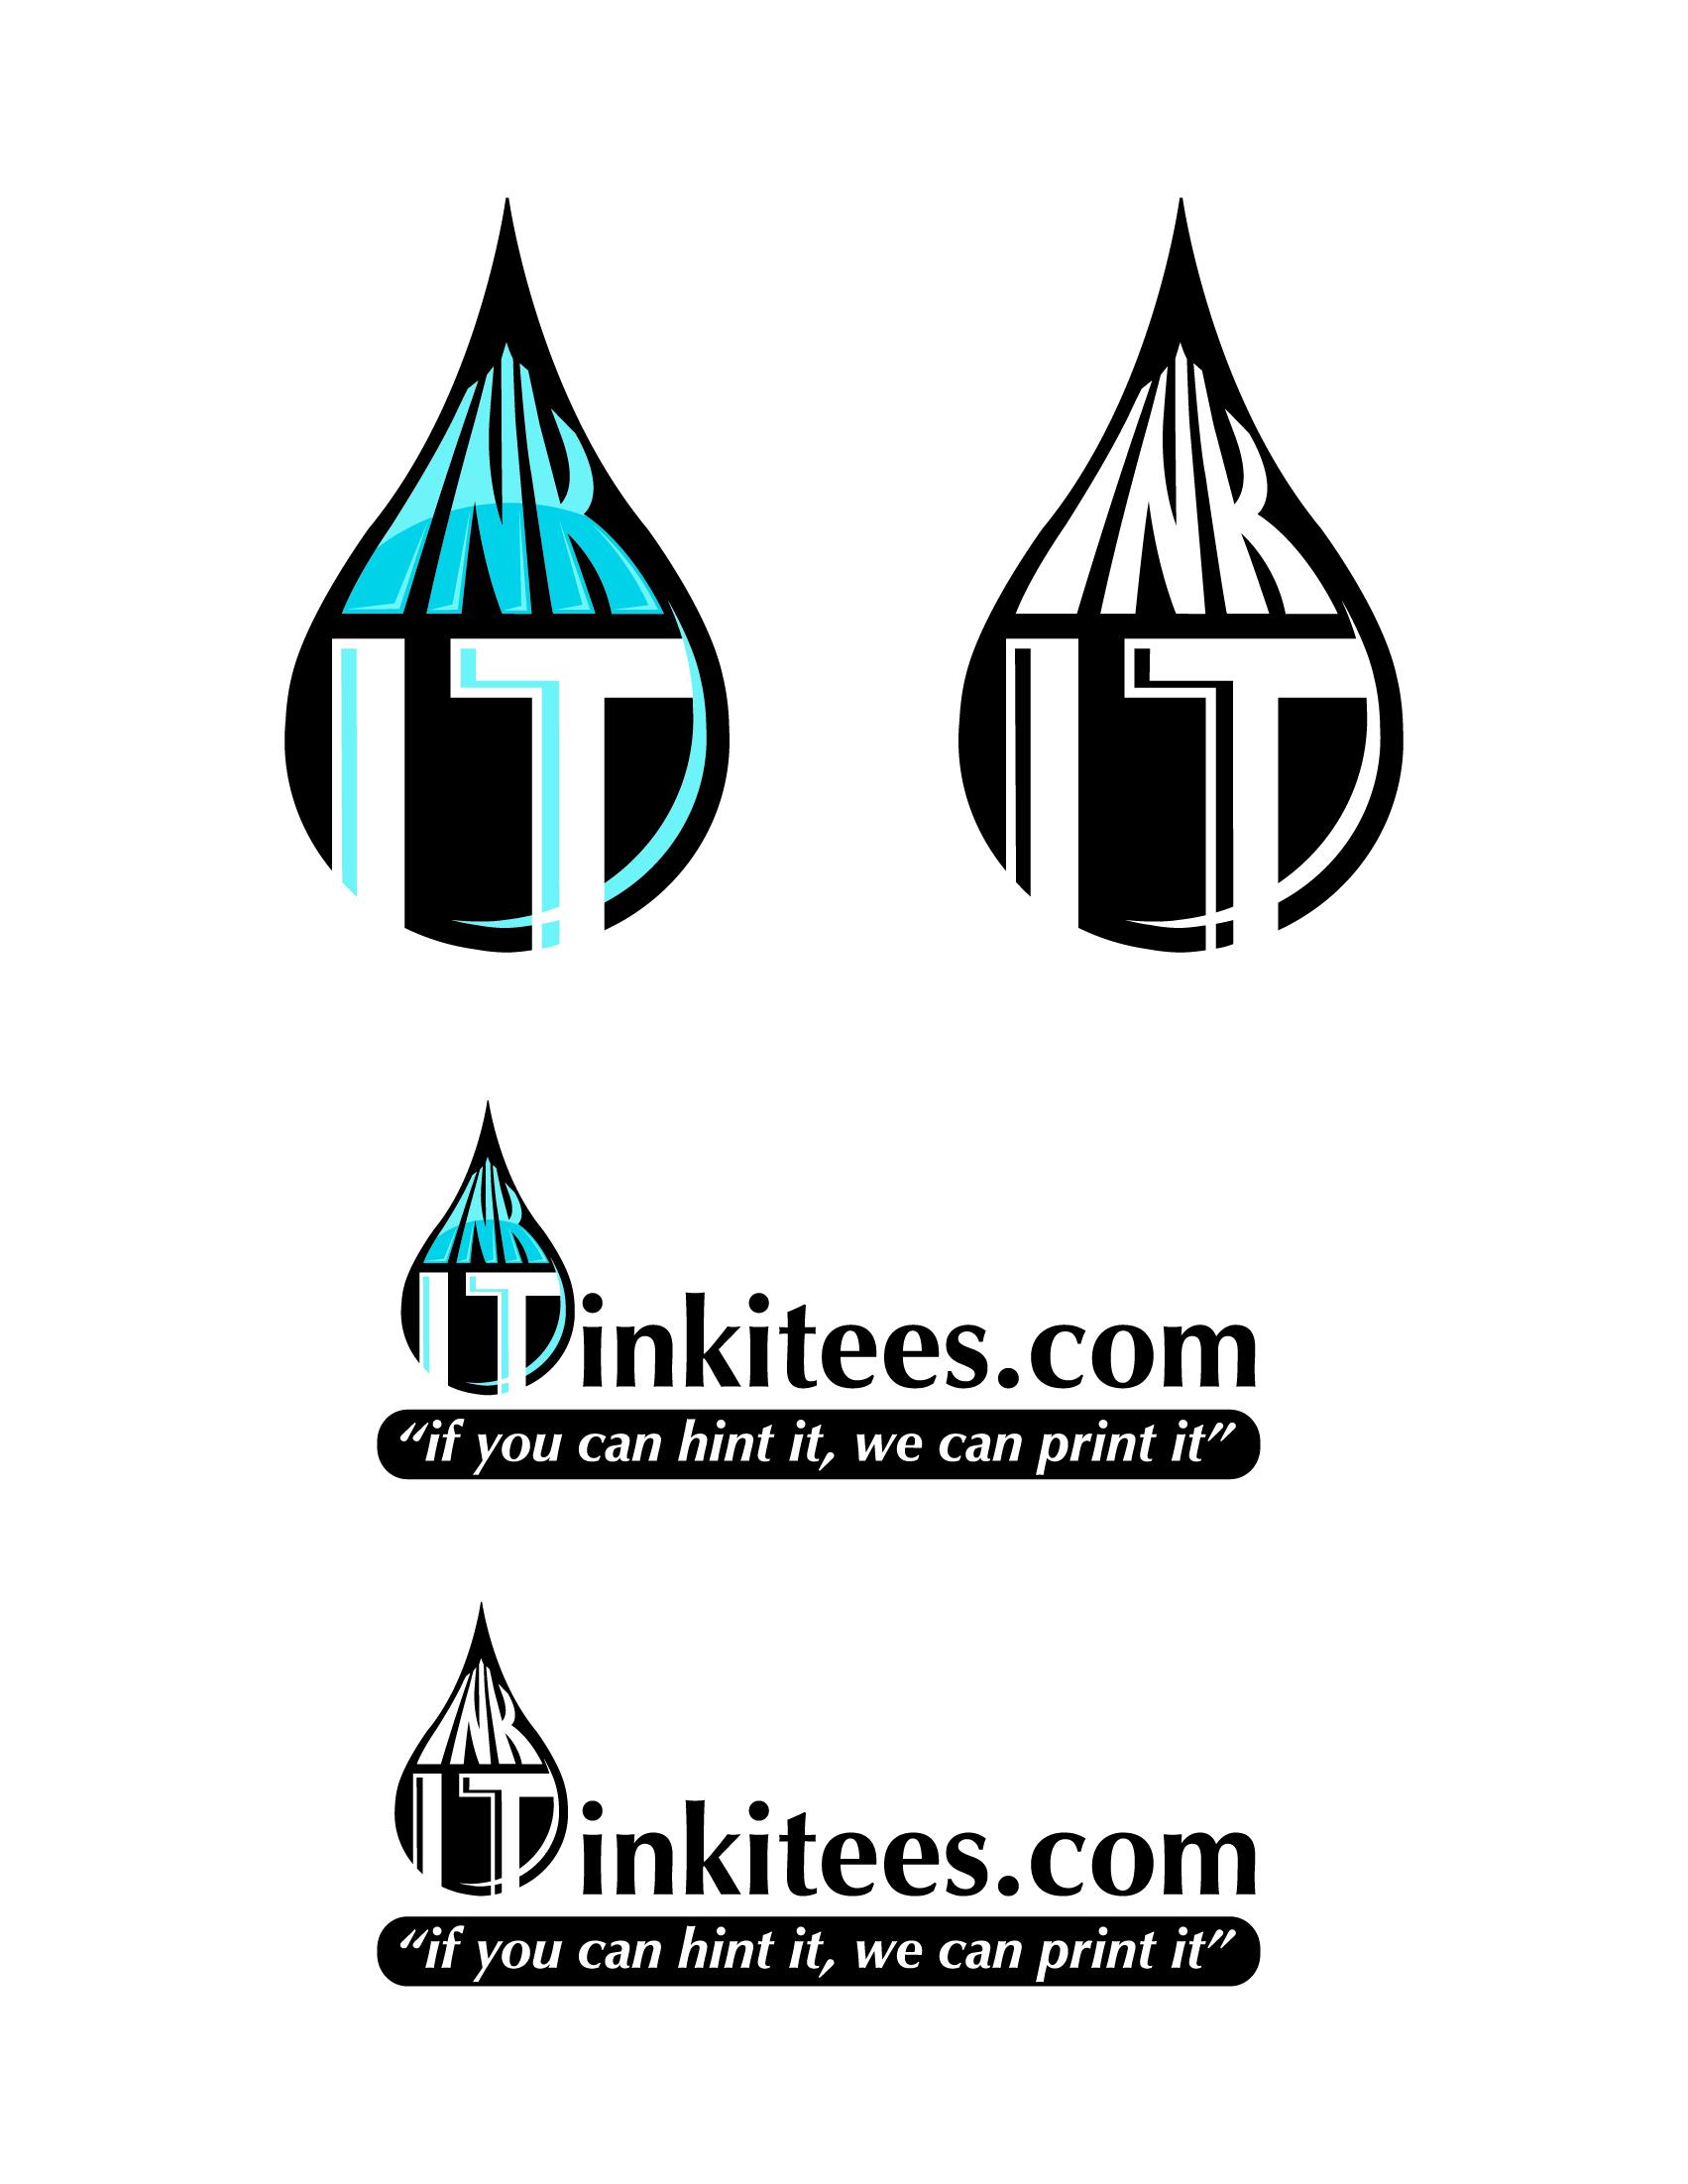 Ink It Tees logo 1